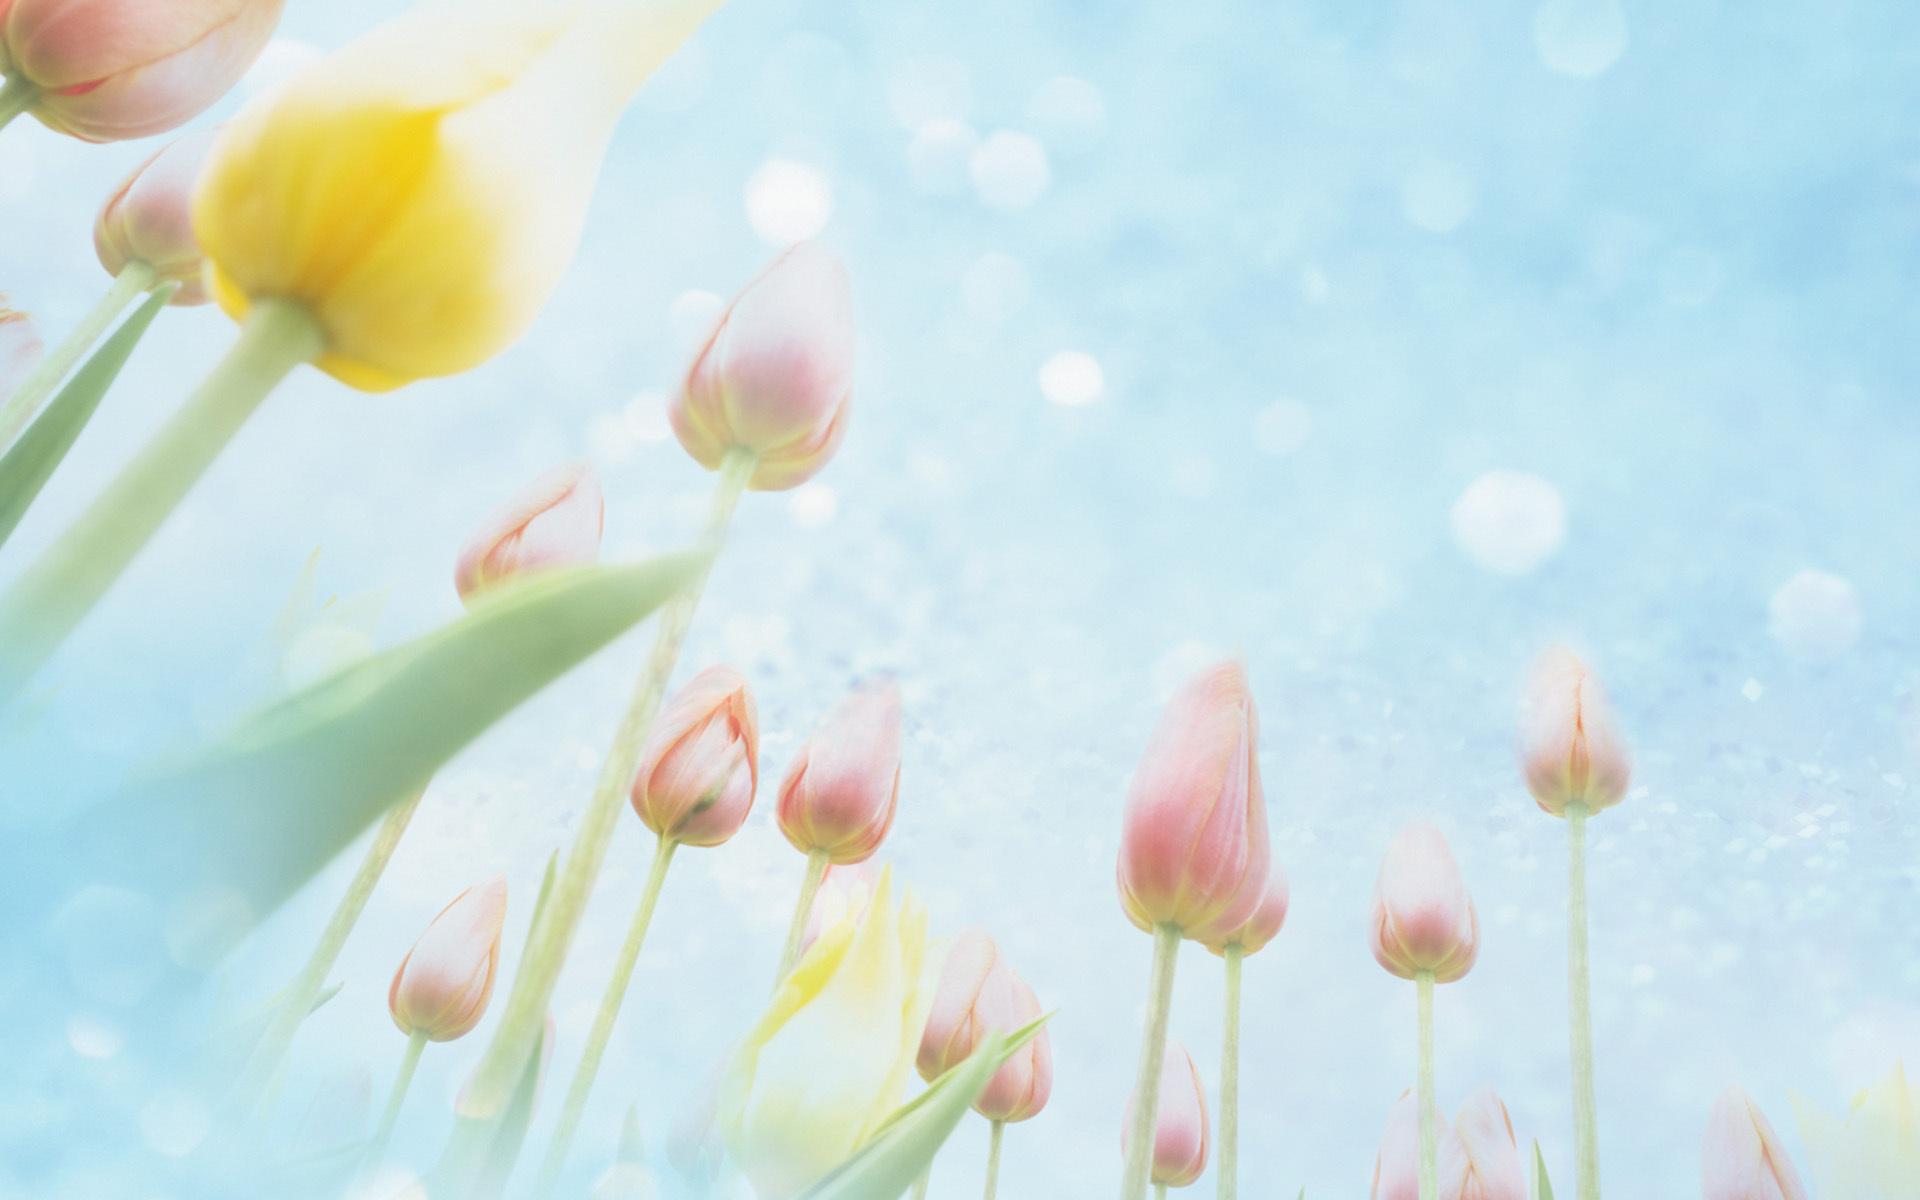 cvety-tyulpany-nebo.jpg